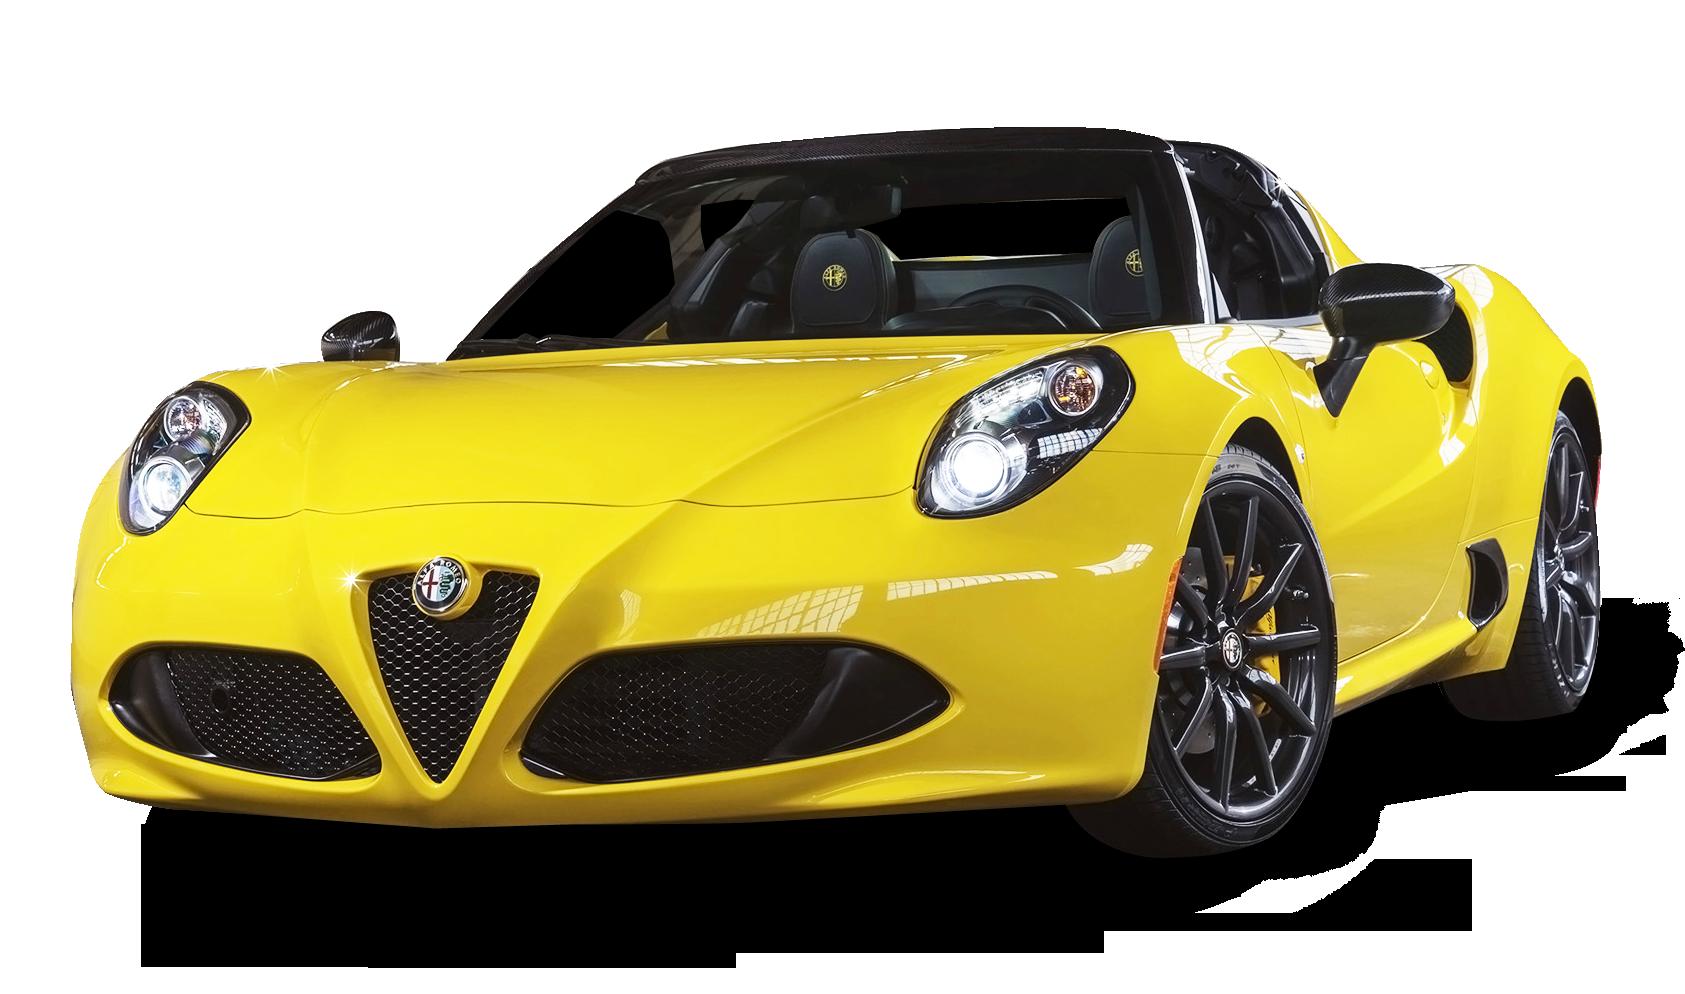 Alfa Romeo 4C Spider Yellow Car PNG Image - Alfa Romeo HD PNG